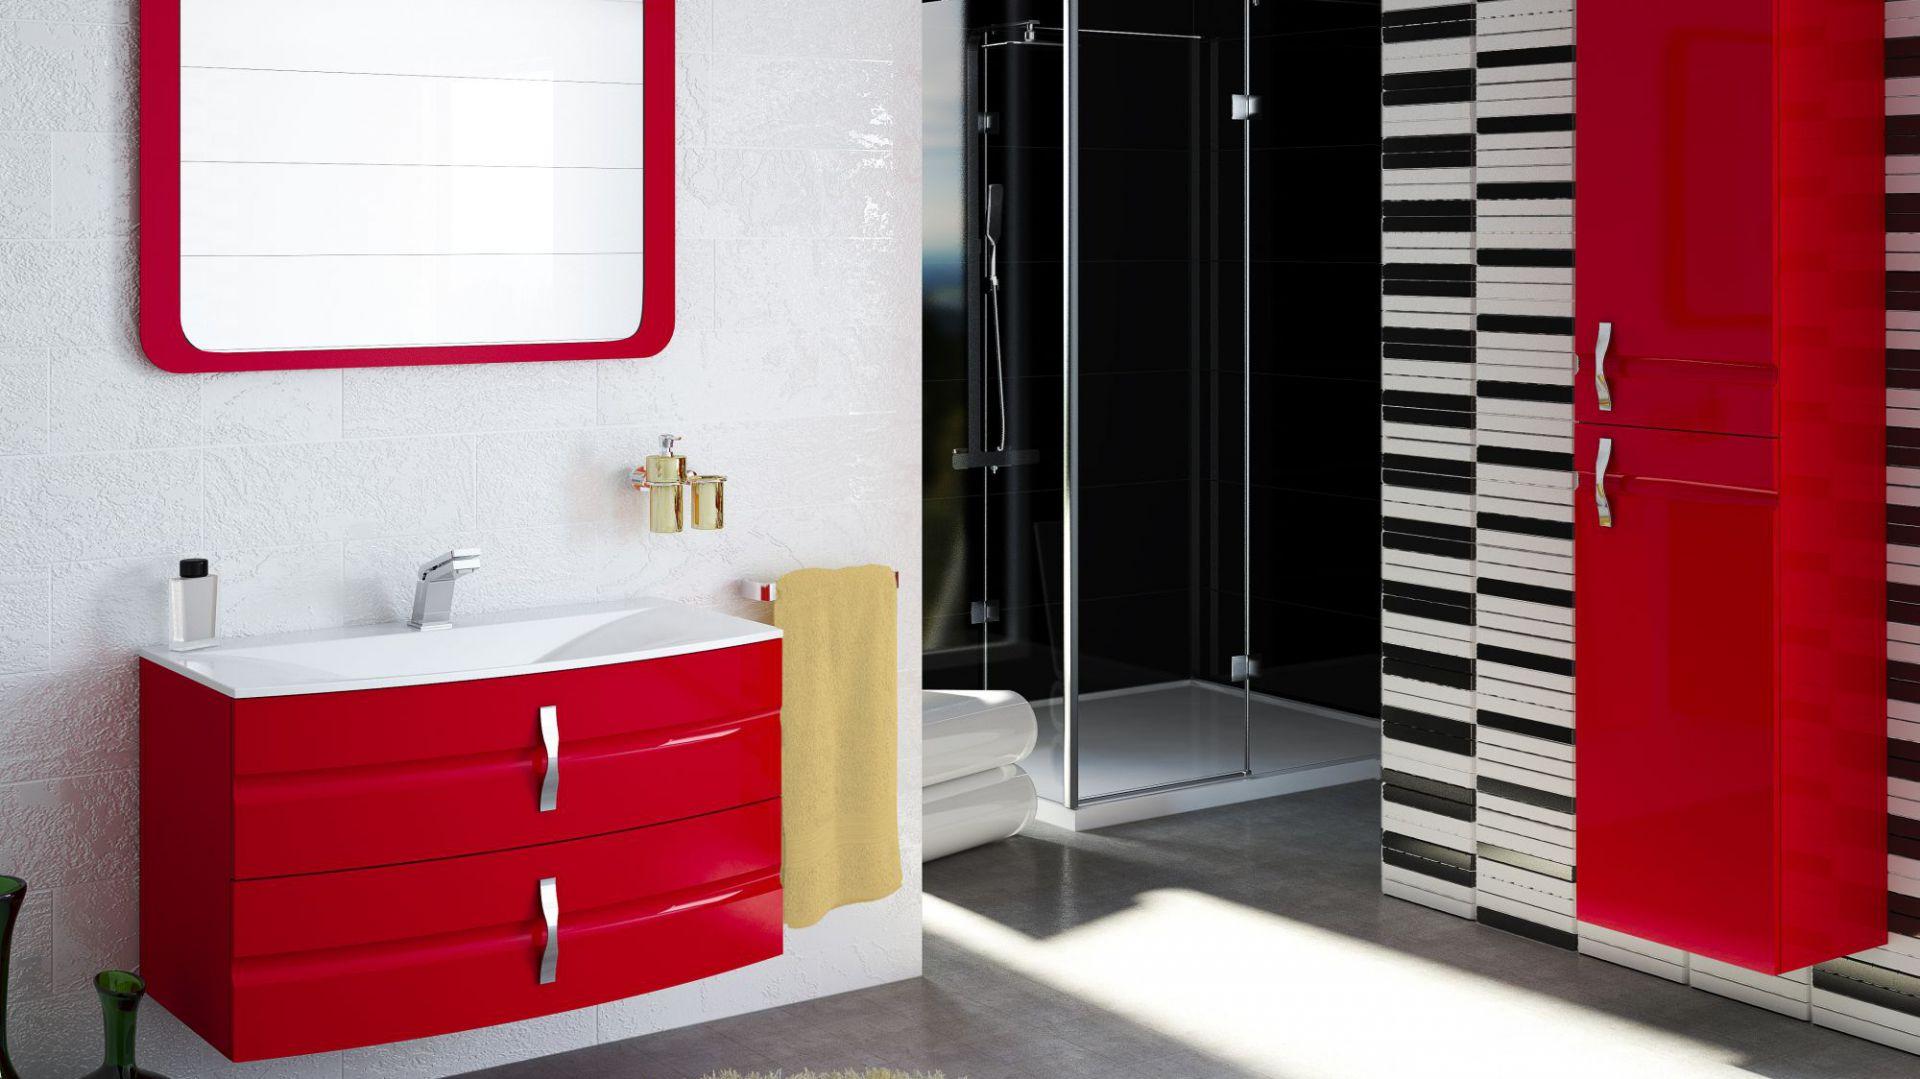 Szafka pod umywalkę, model Lambo firmy Devo, www.devo.pl. Fot. Devo